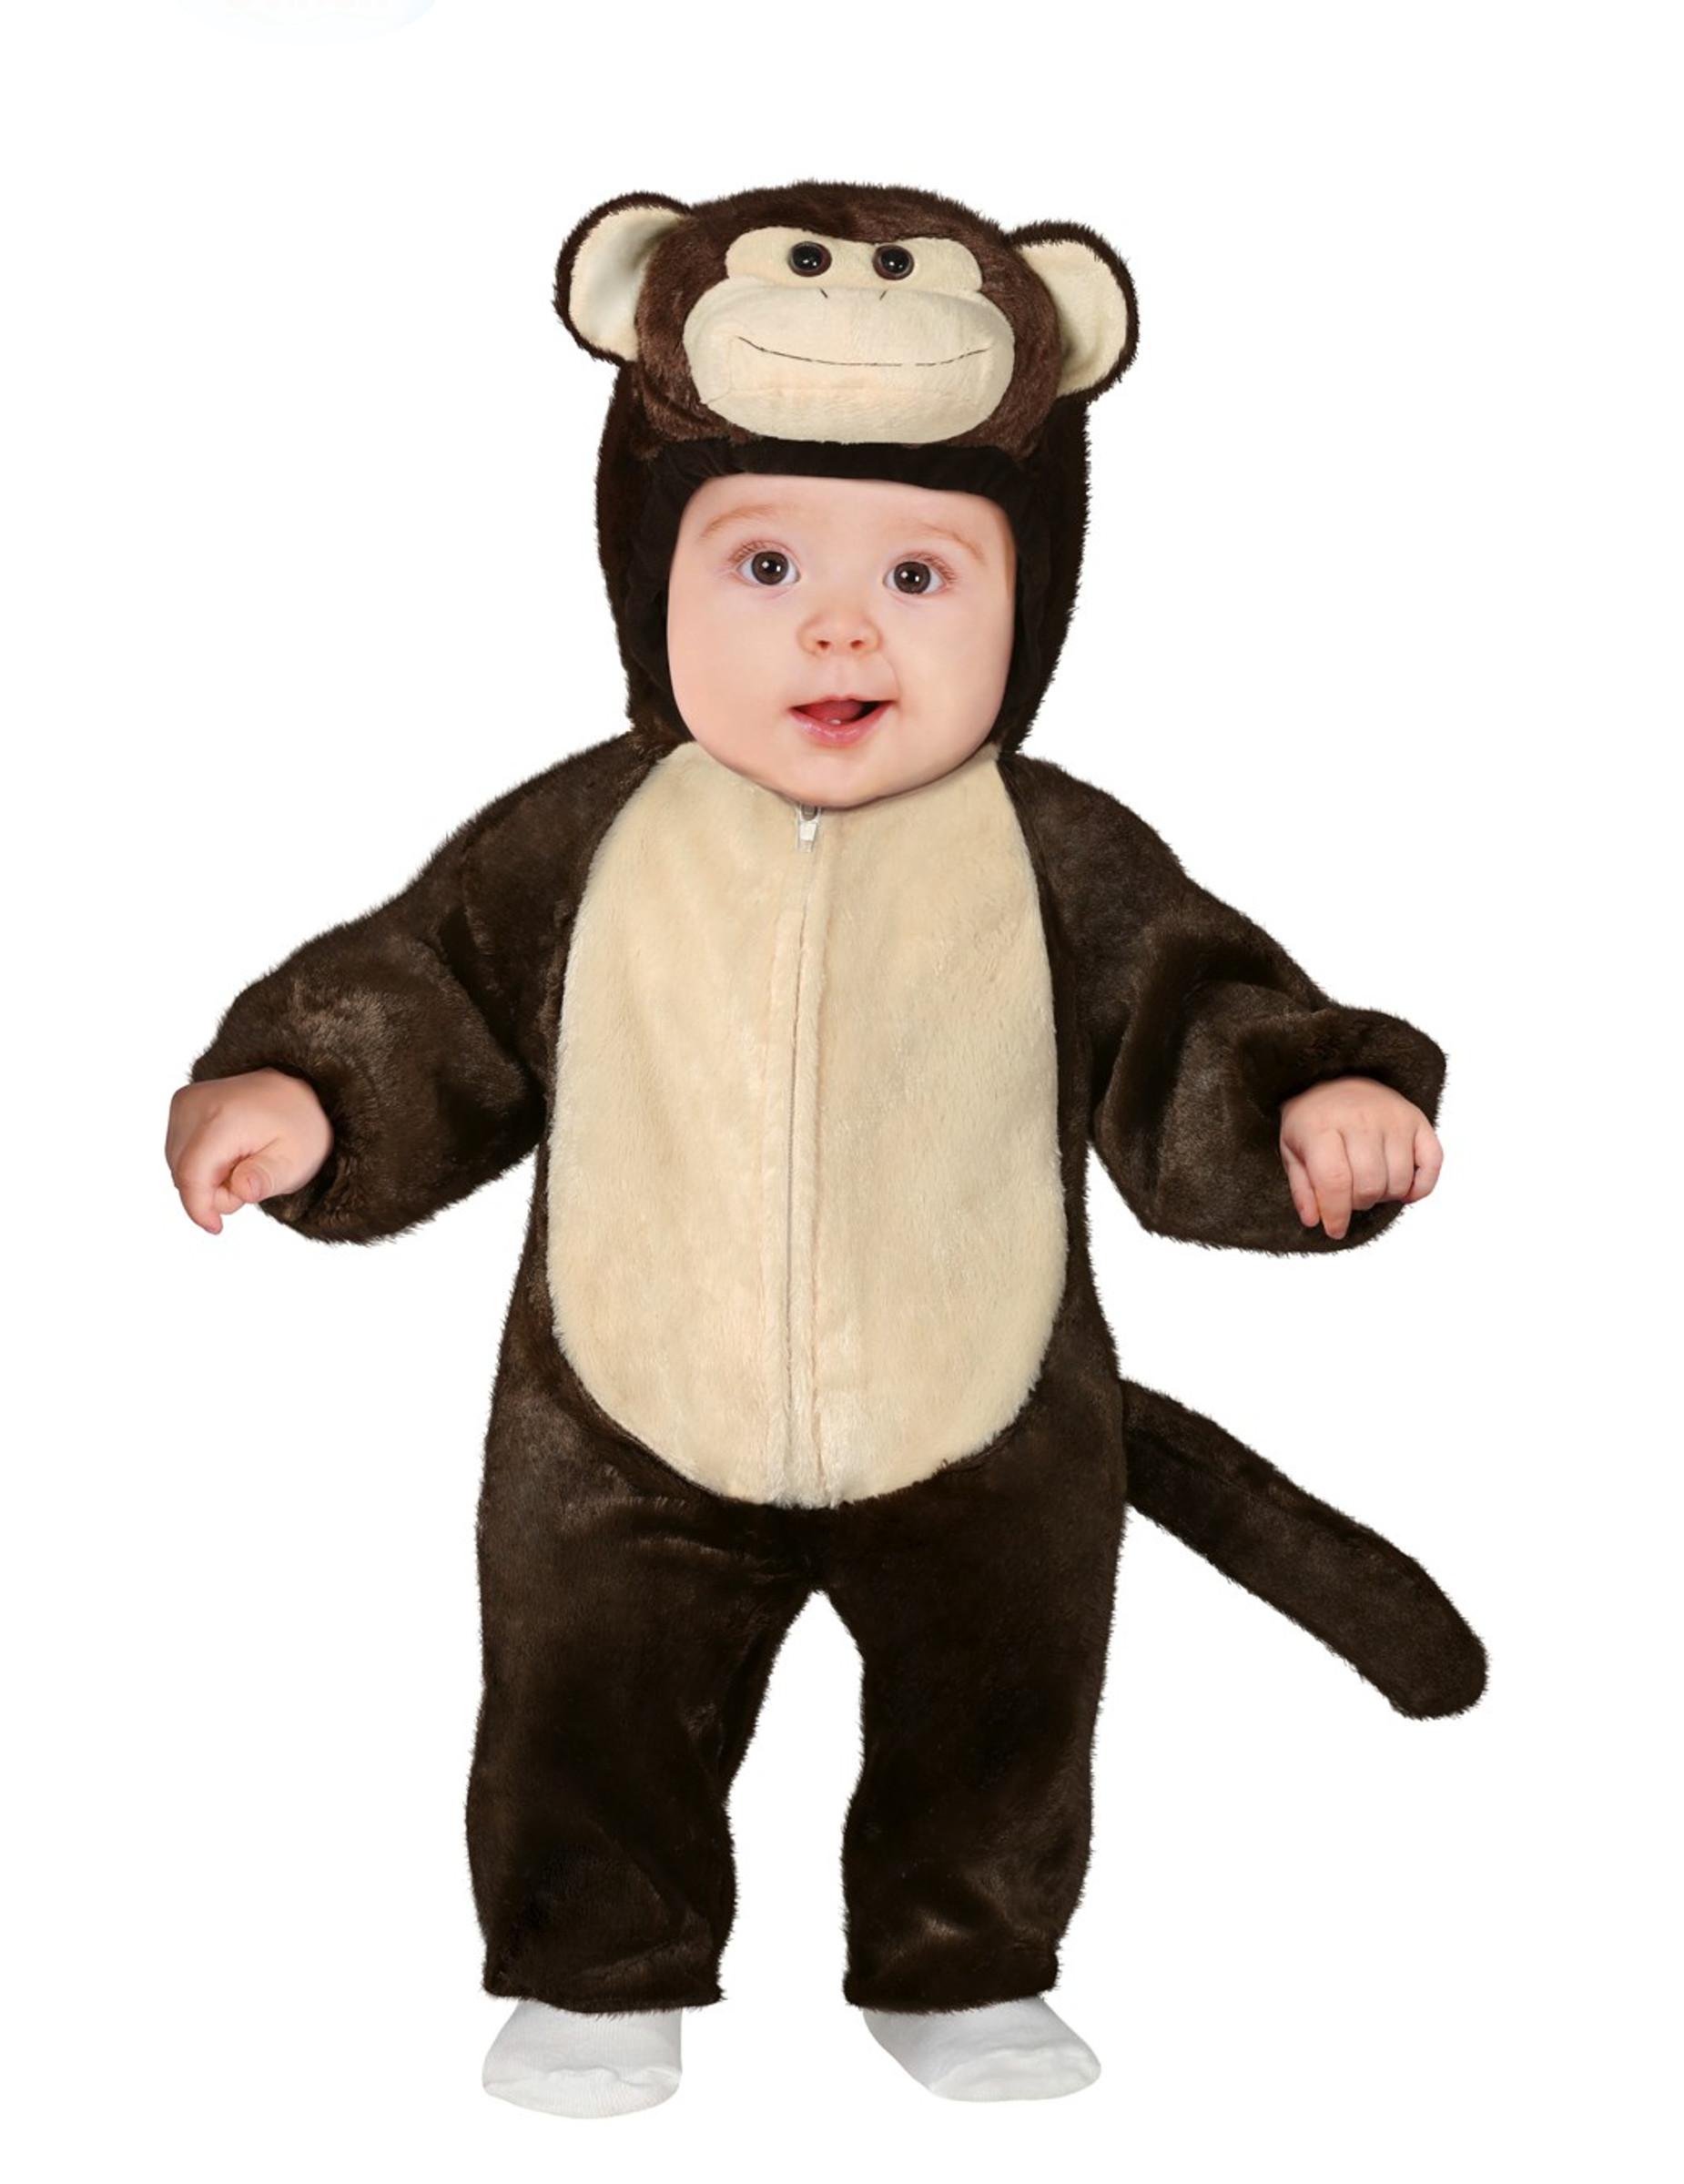 Süßes Affenbaby-Kostüm für Karneval Tier-Overall braun-beige - 80/86 (12-18 Monate) 299067